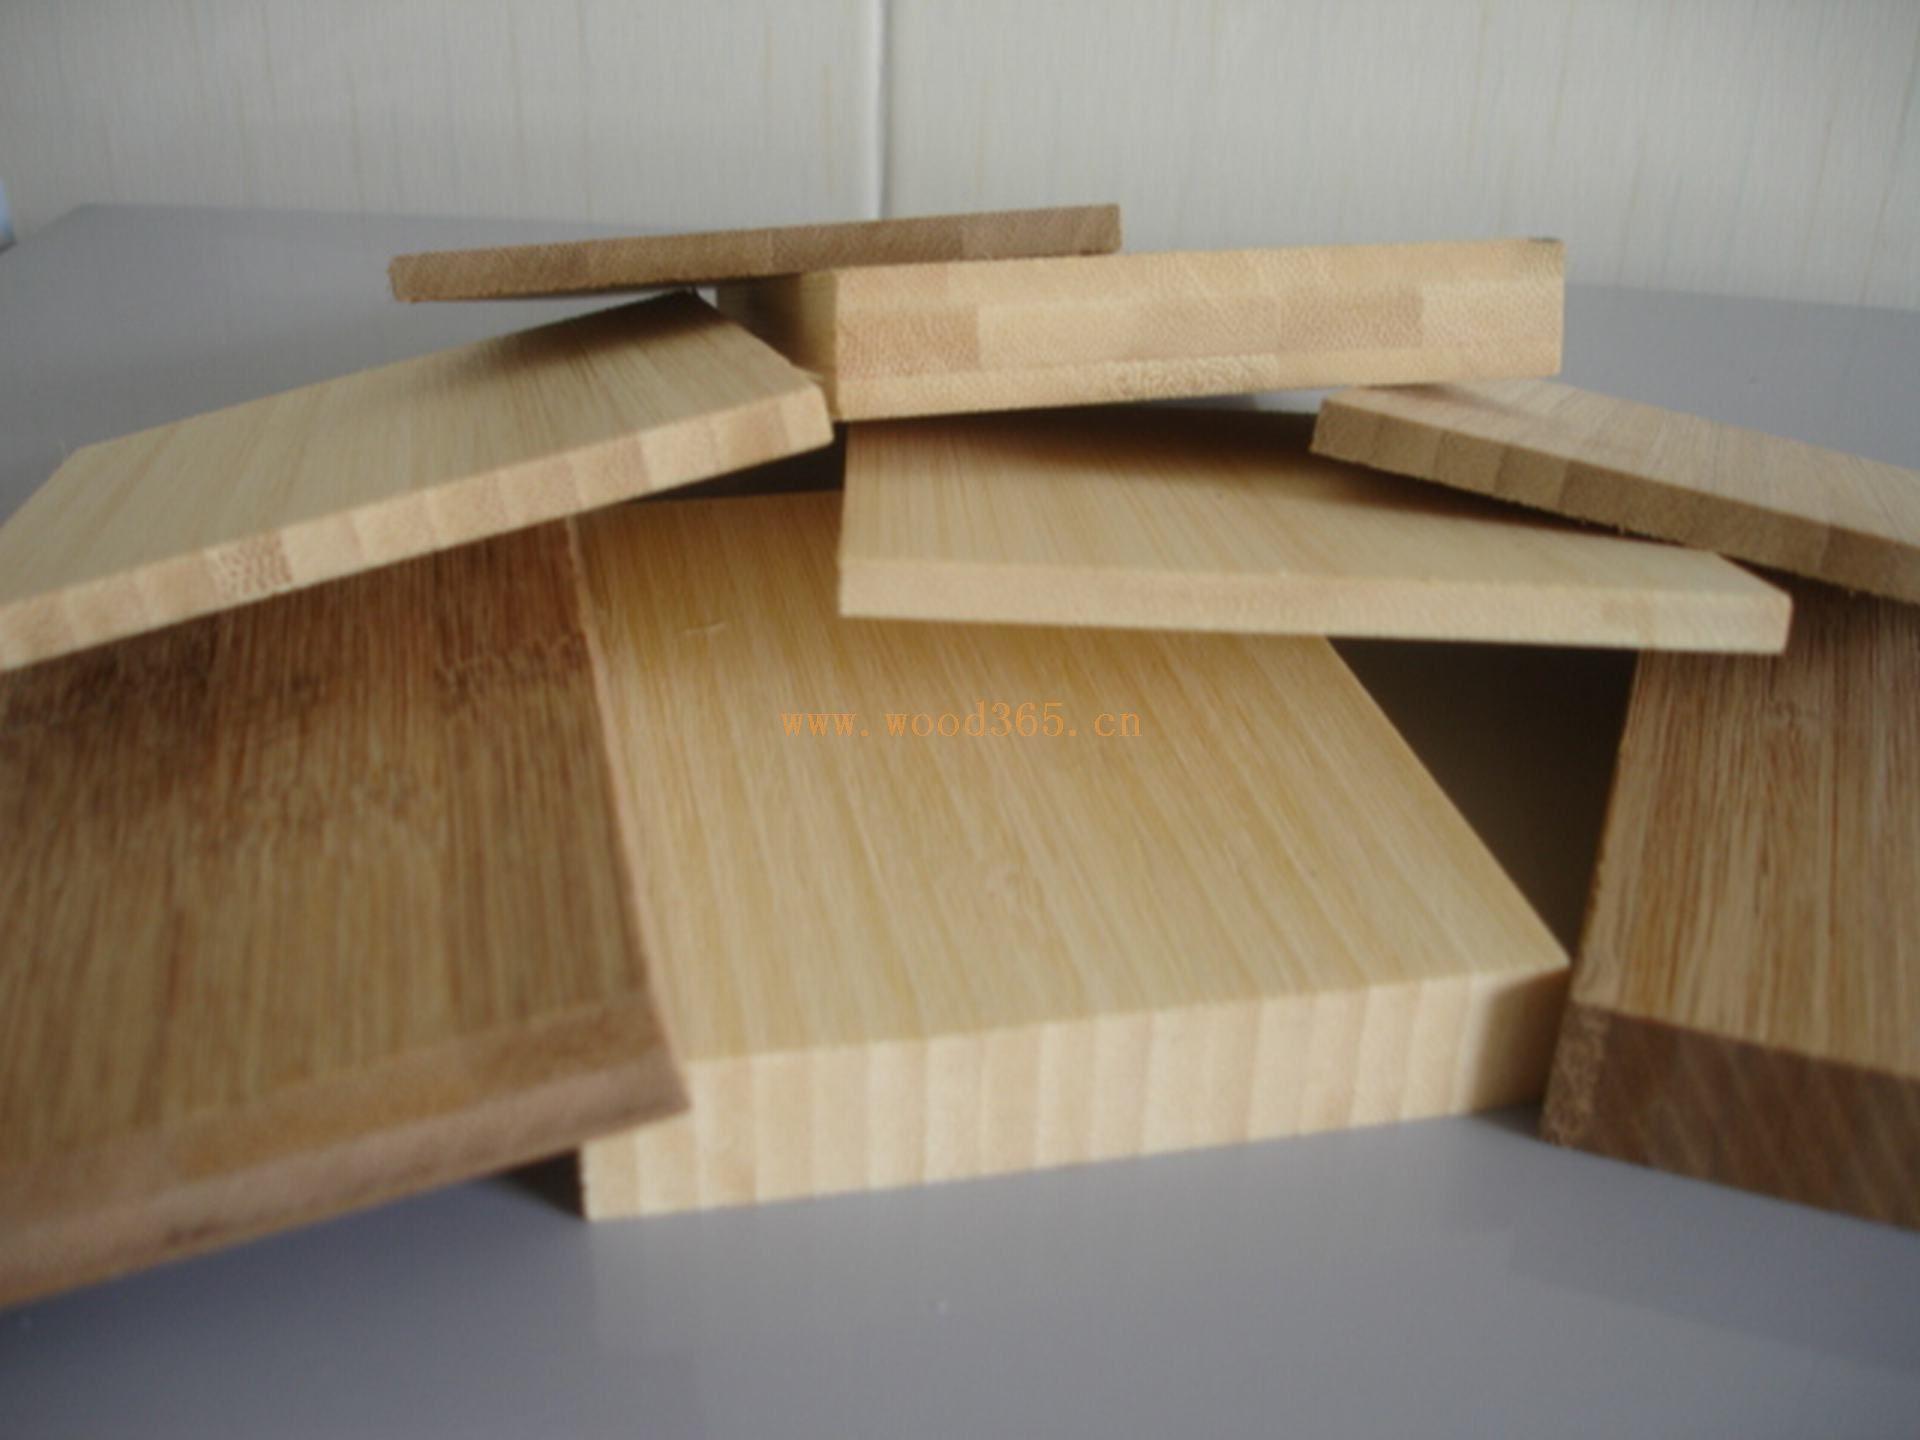 免漆生态竹板 生态竹木家装吊顶 家居装饰竹板竹材料